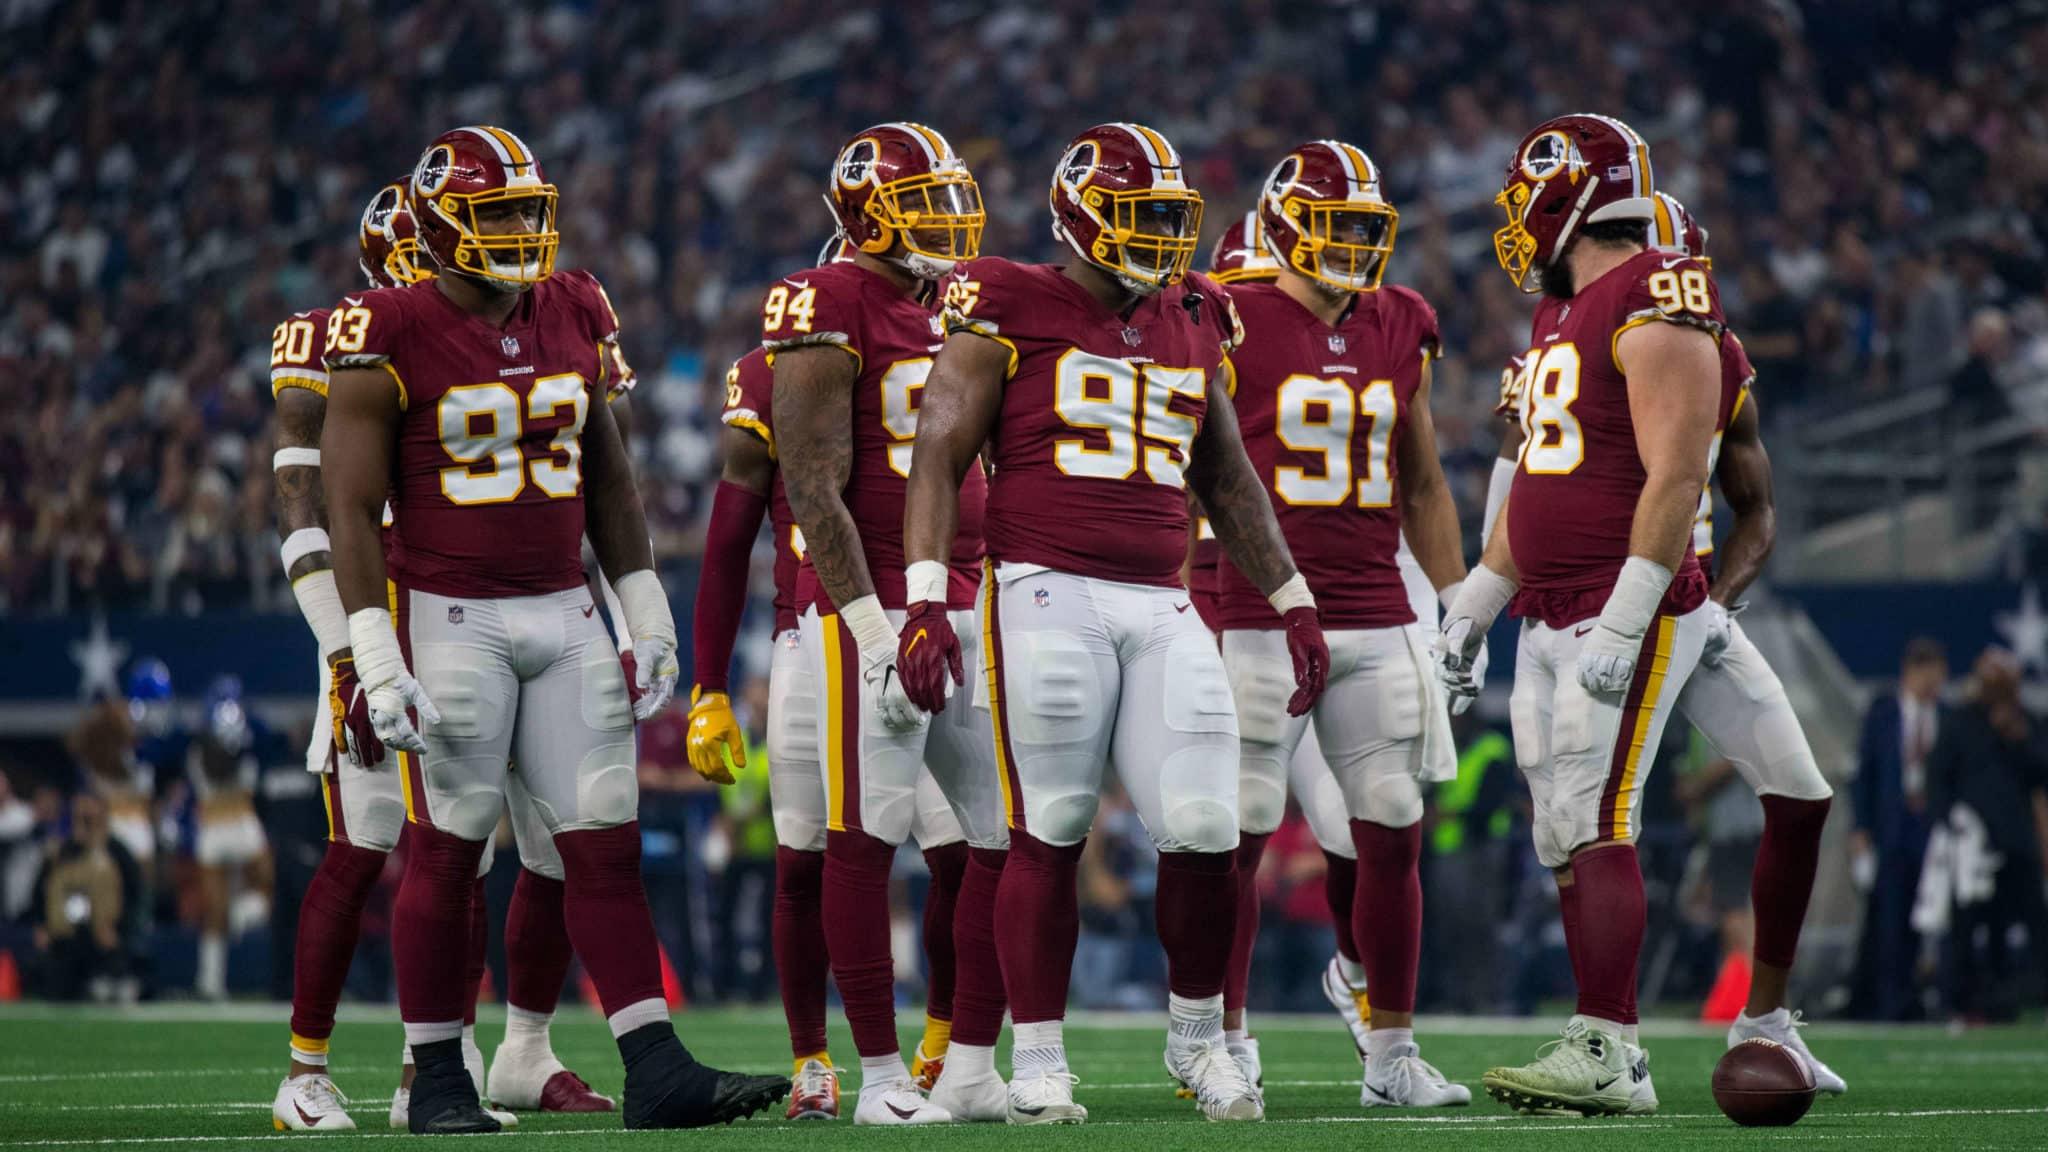 Redskinsteamcowboys Scaled